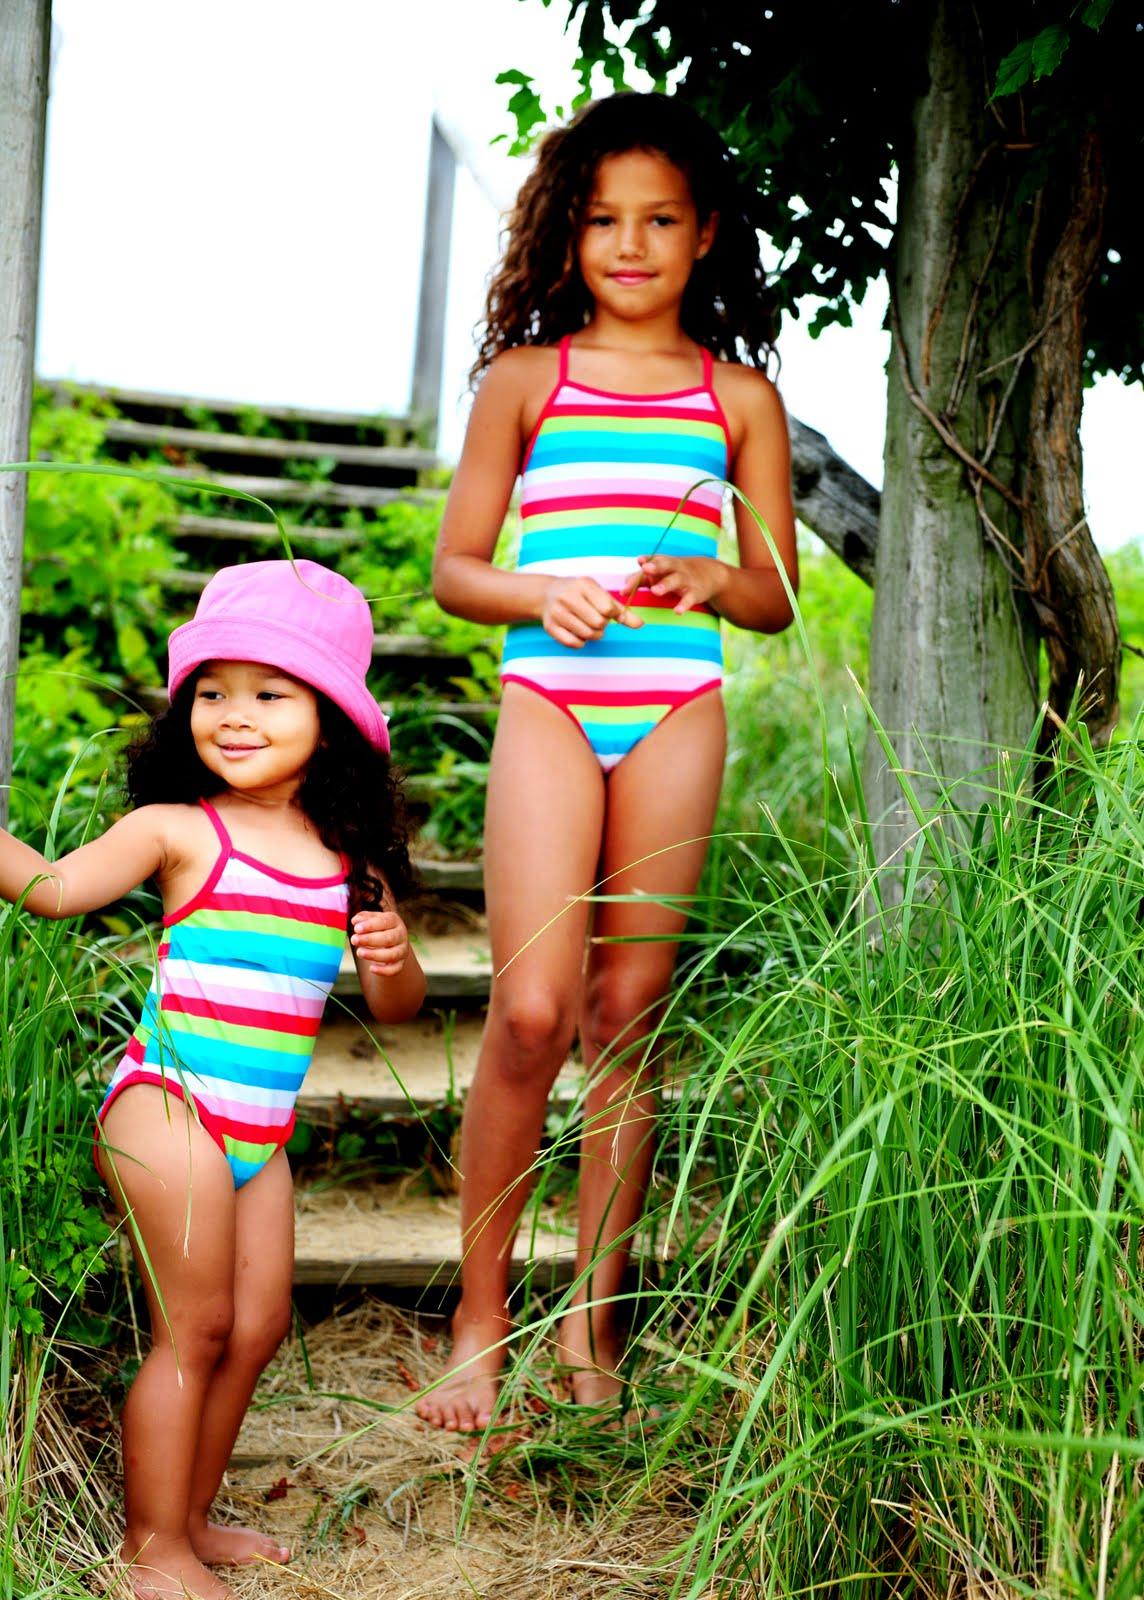 Zonnehoedjes voor baby 's. leuke zonnehoedje voor babys